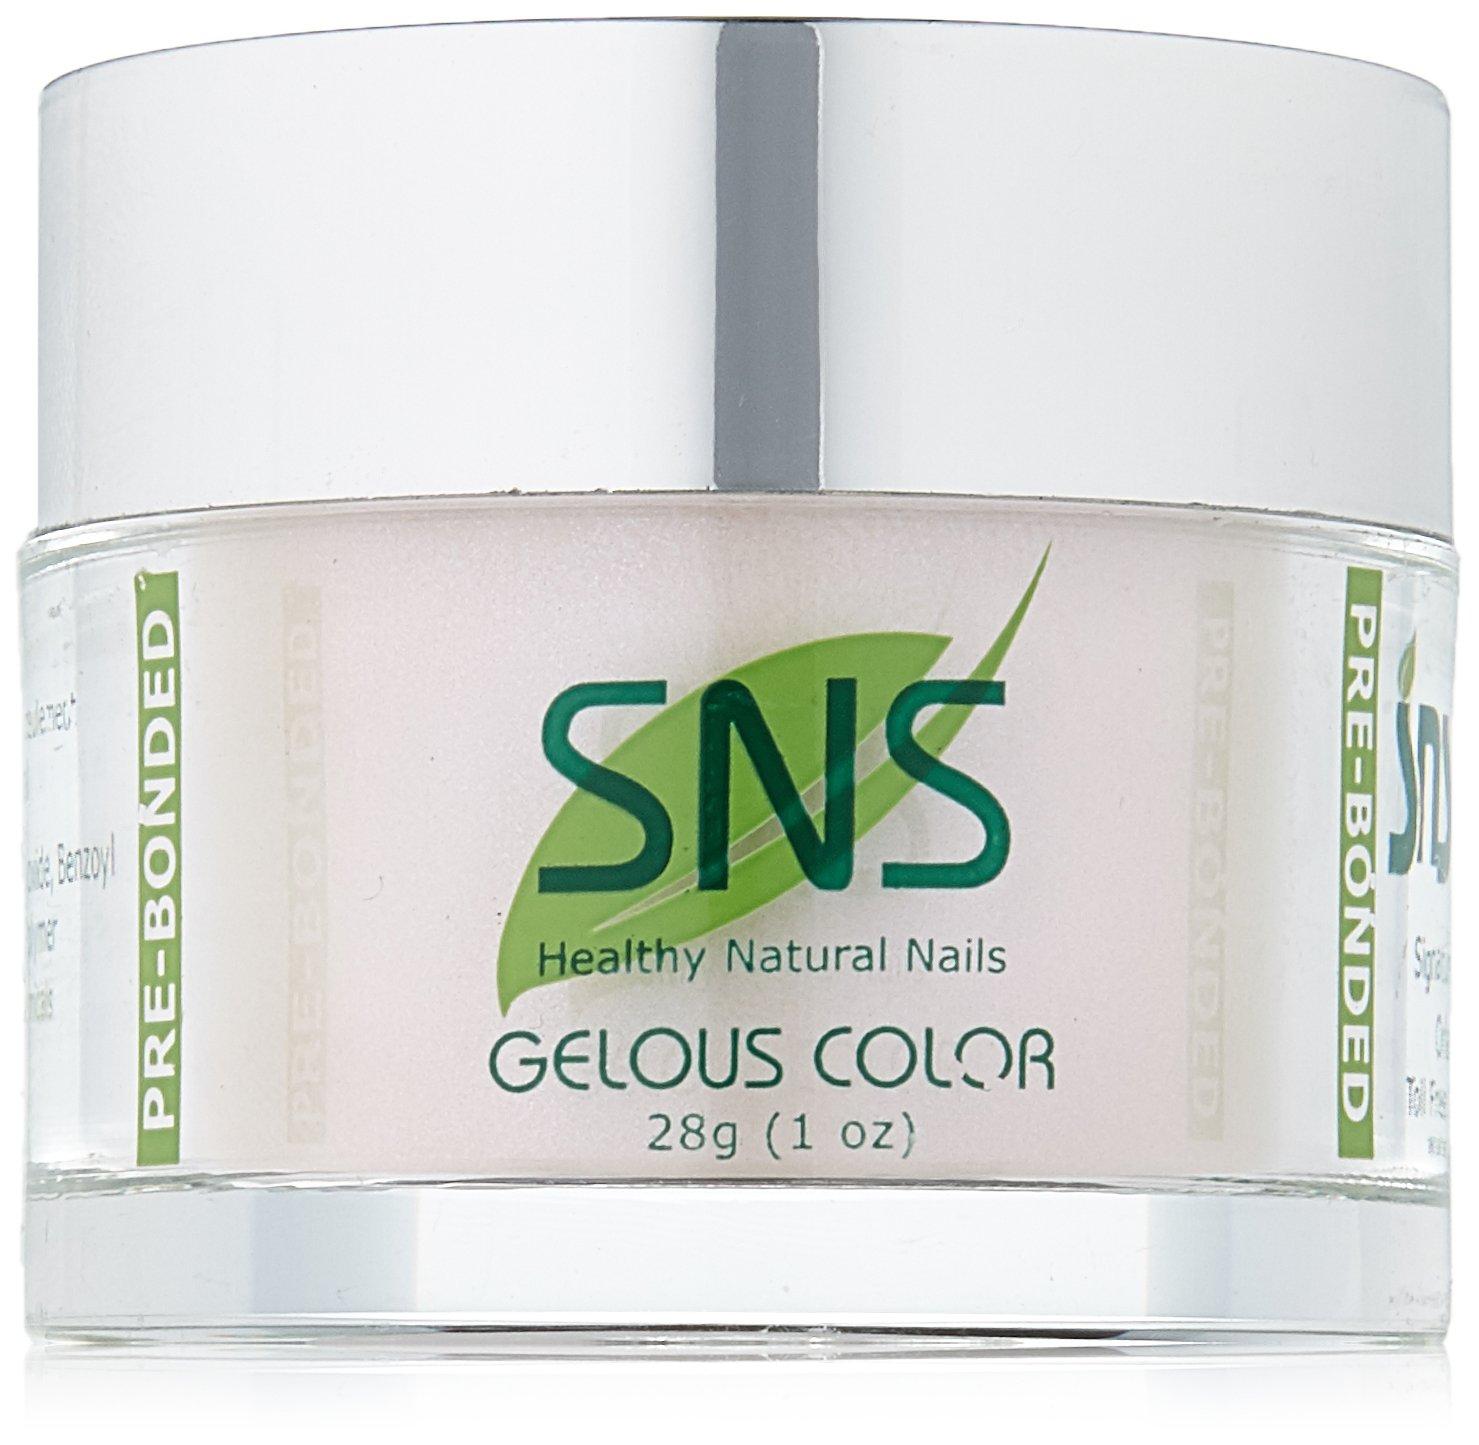 SNS Nails Dipping Powder No Liquid, No Primer, No UV Light - 56 by SNS